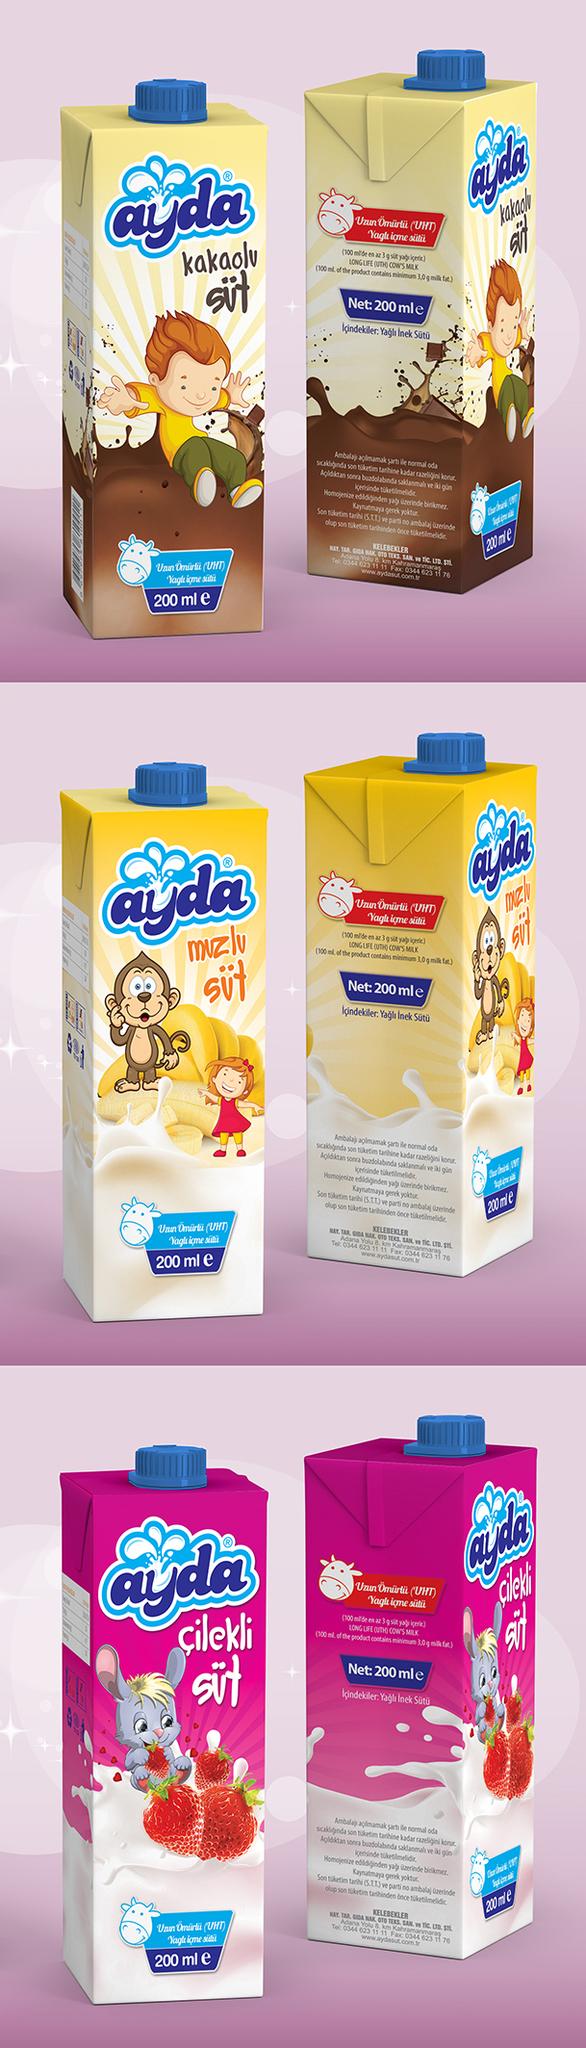 Yeni Süt Paketi Çalışmam